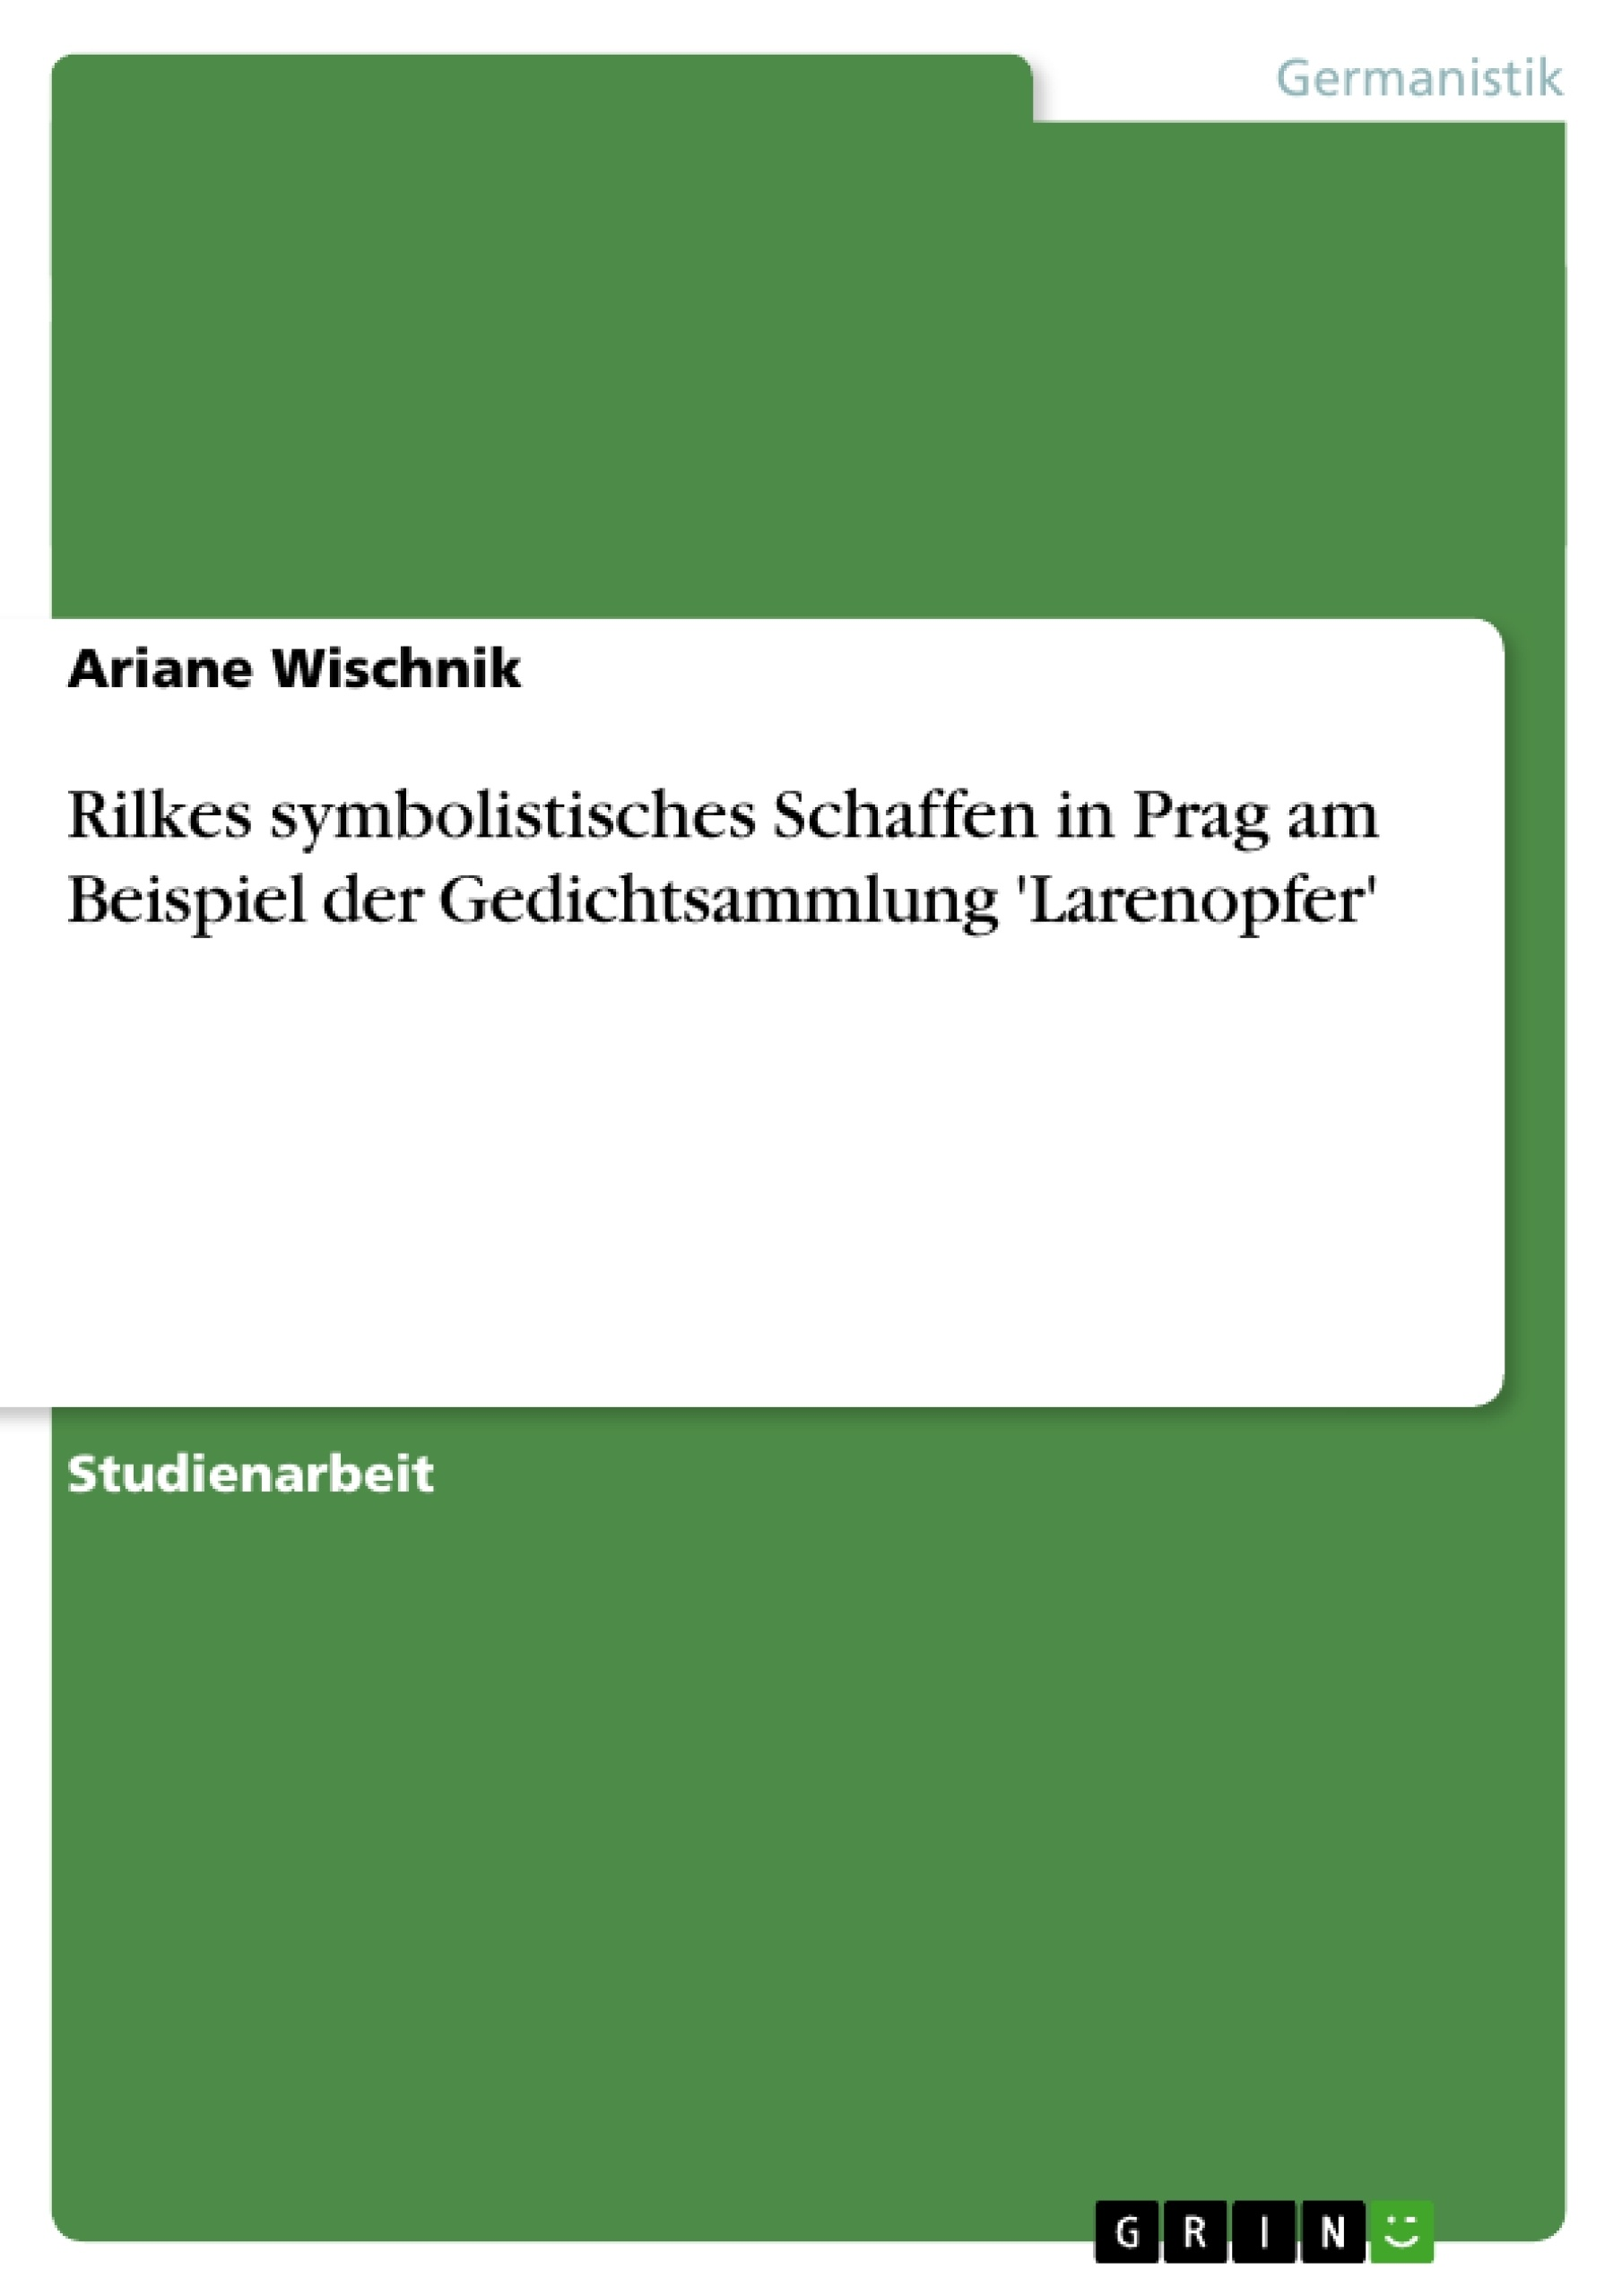 Titel: Rilkes symbolistisches Schaffen in Prag am Beispiel der Gedichtsammlung 'Larenopfer'